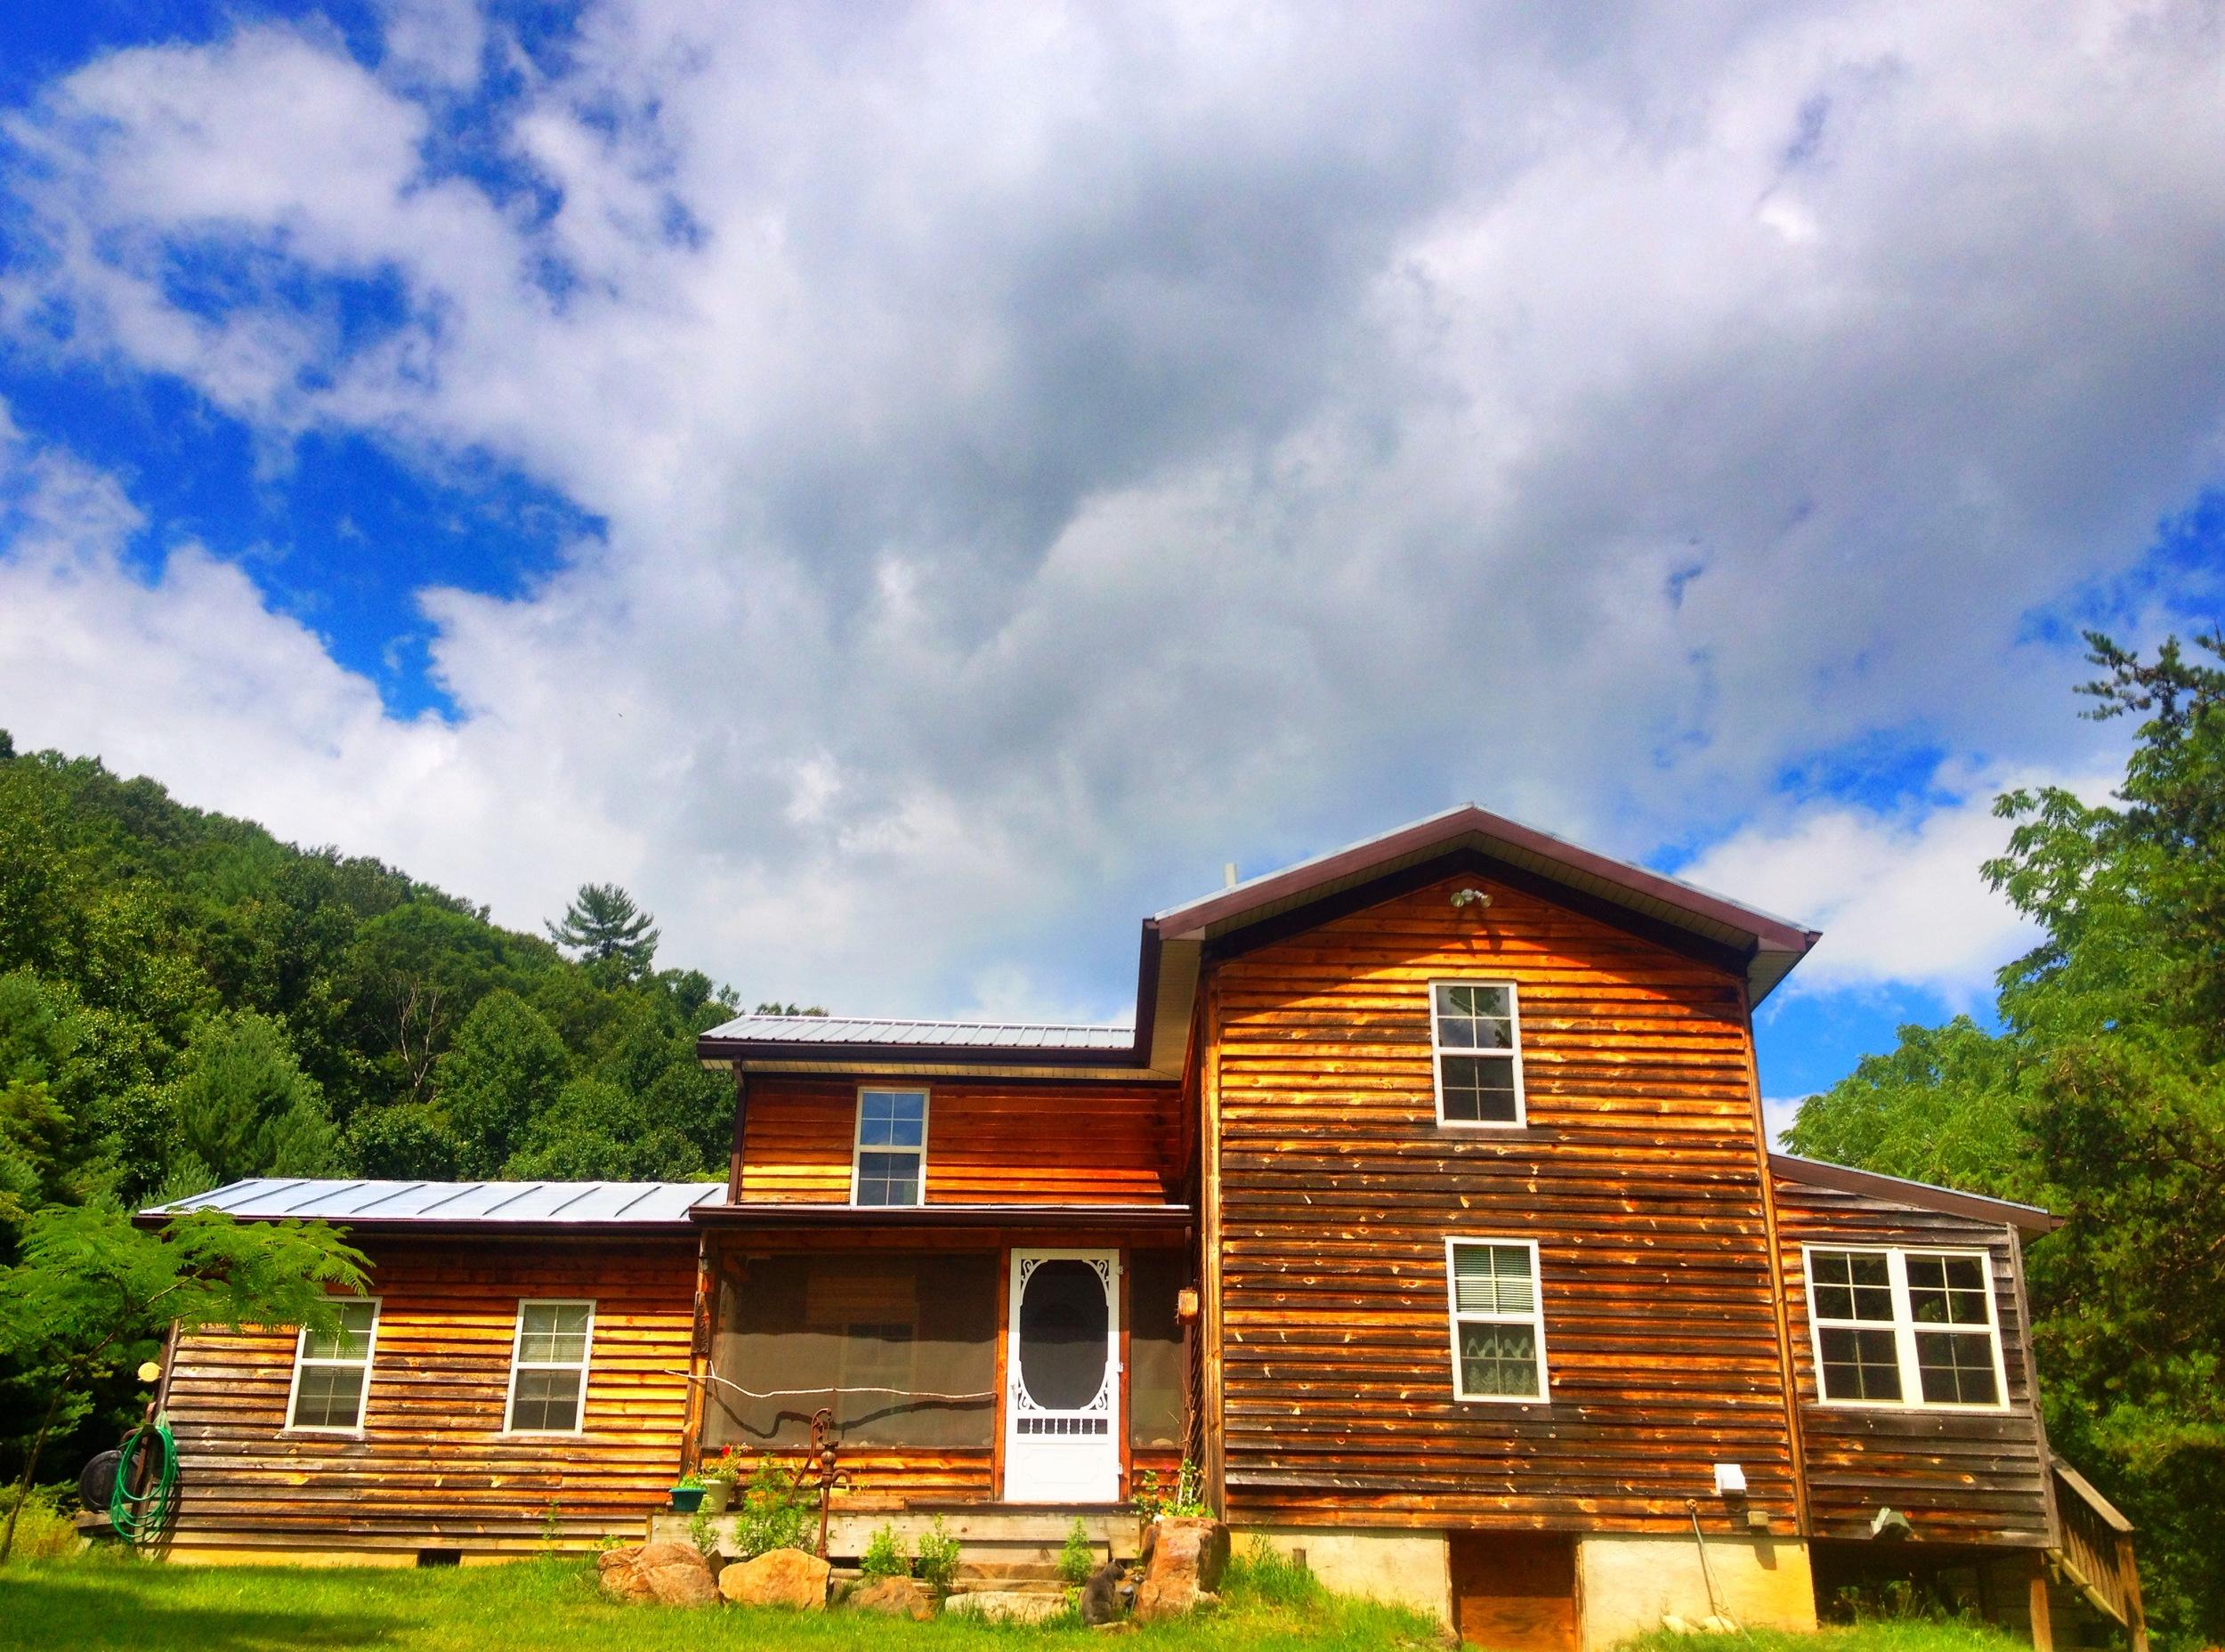 Sky Water Hollow Cabin, July 2014